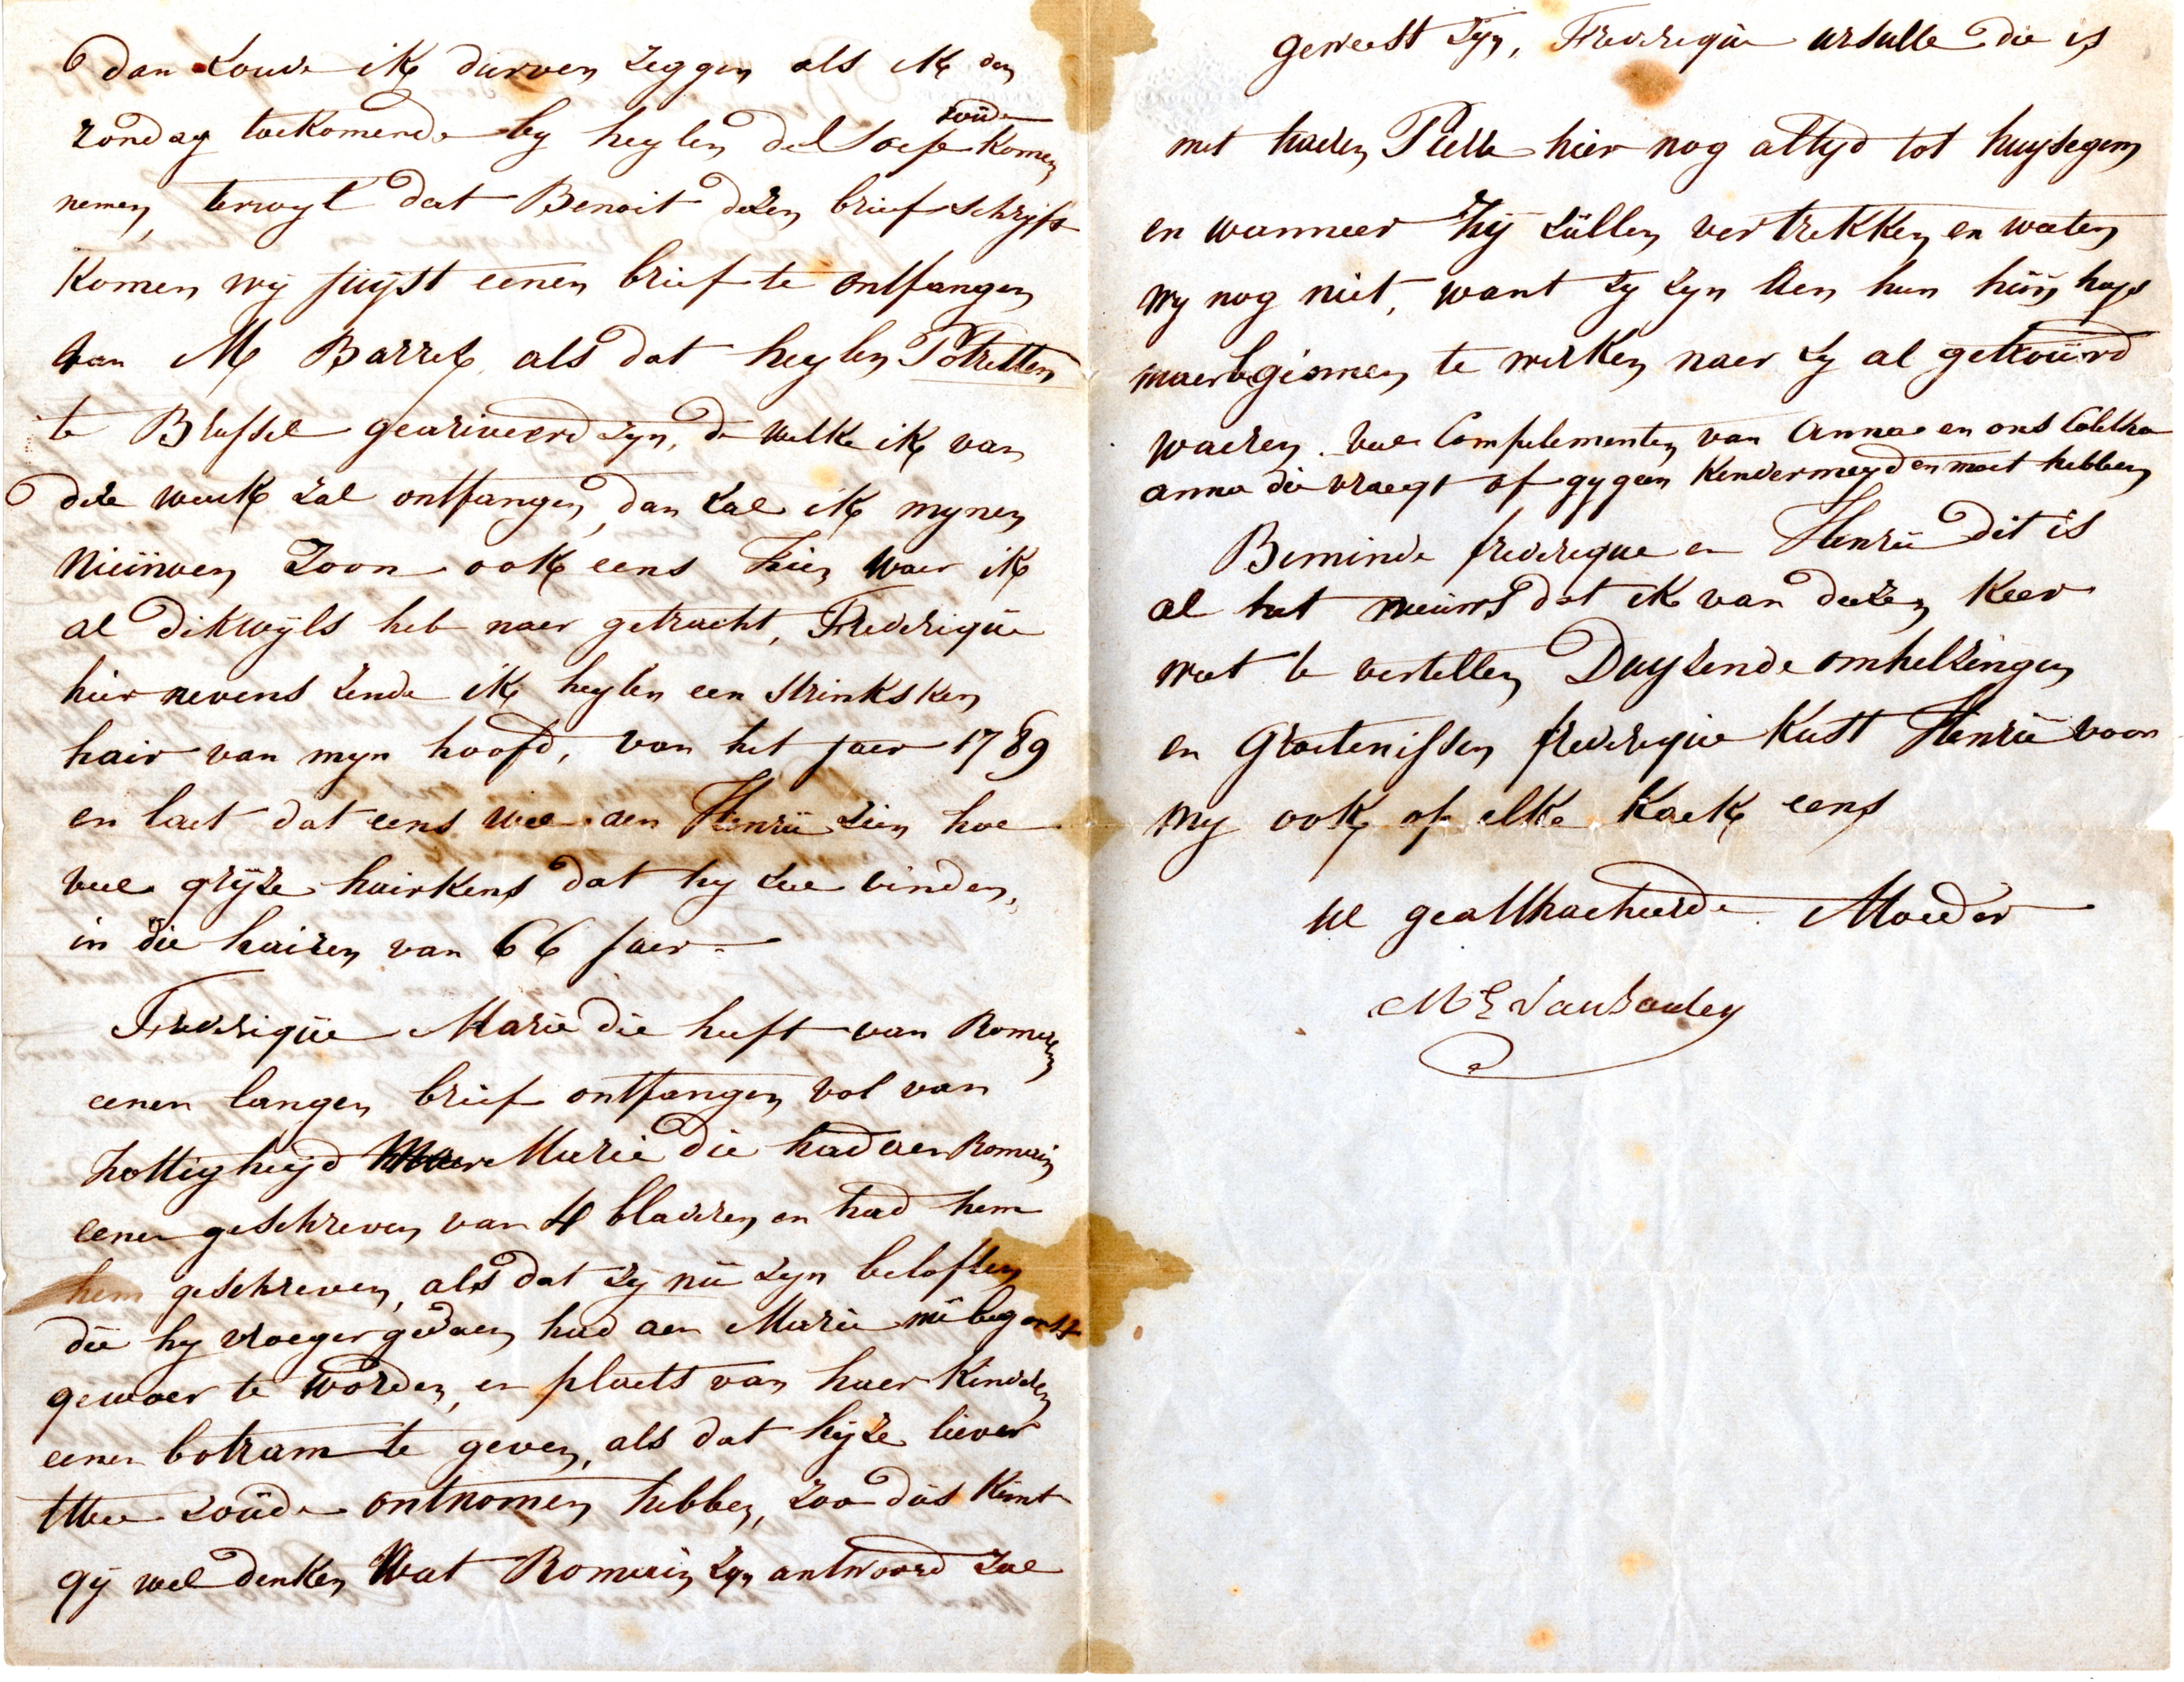 Elisabeth-Van-Santen_letter-1855_p2_p3